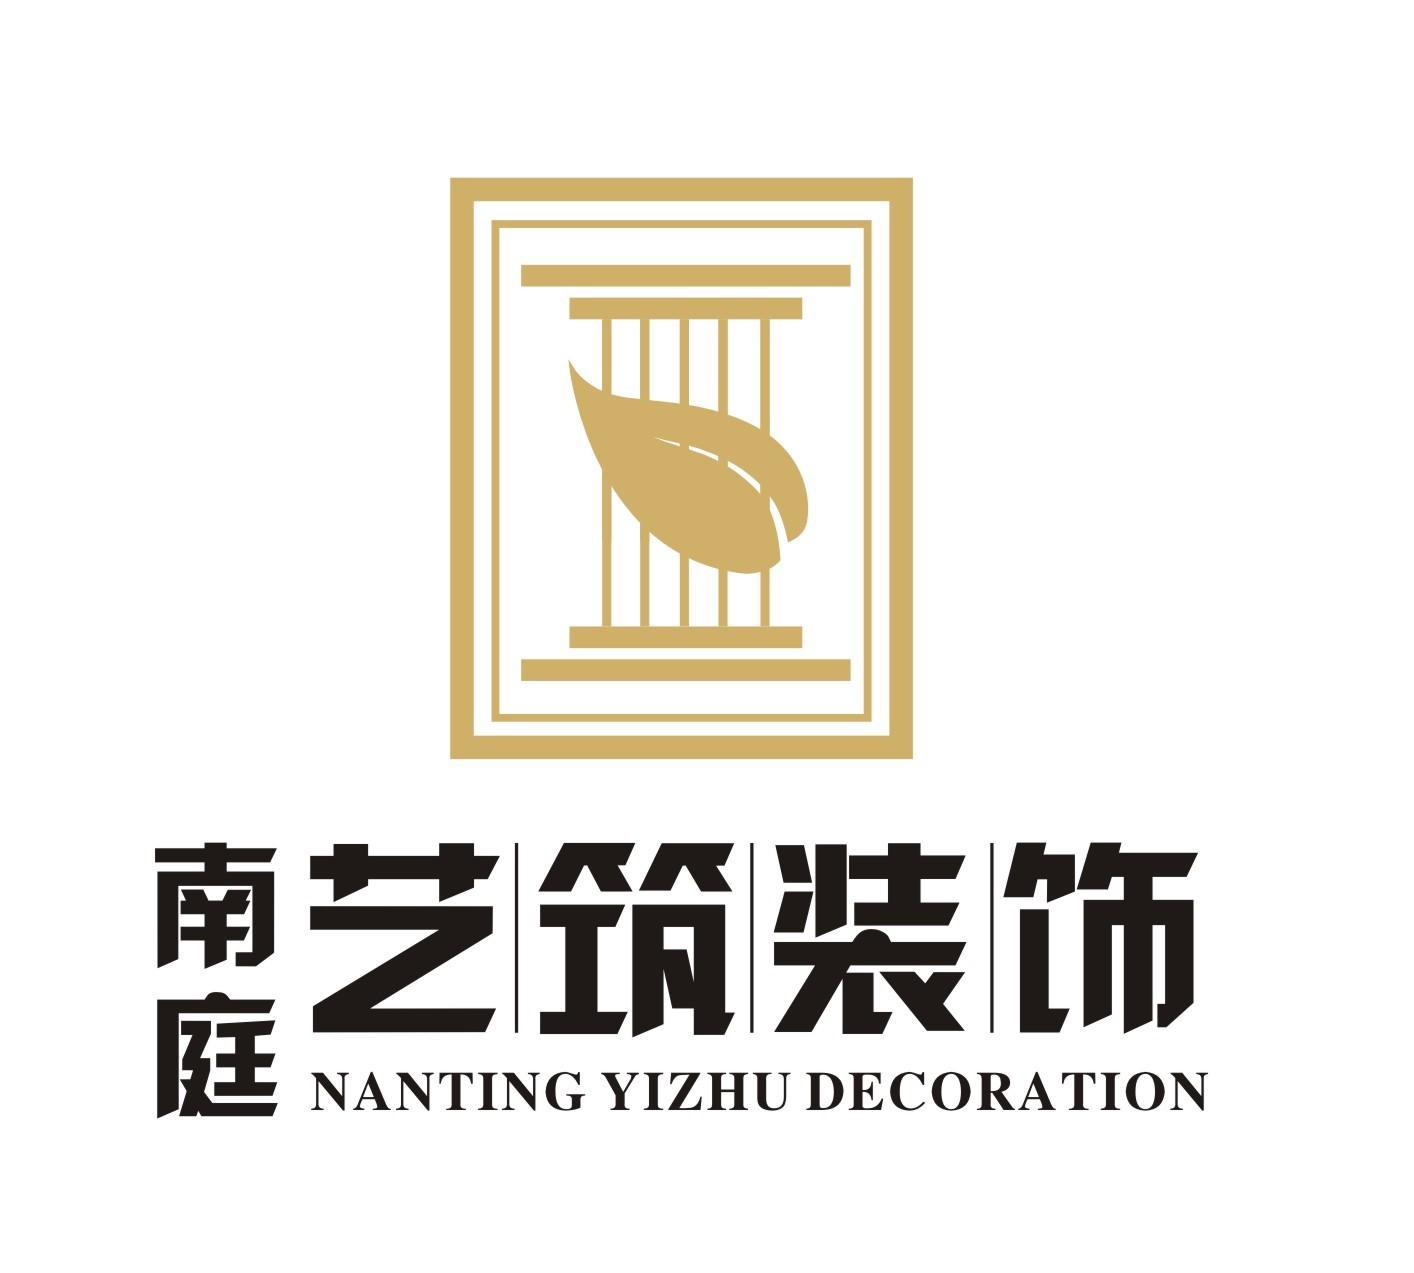 广西南庭艺筑装饰工程设计集团有限公司